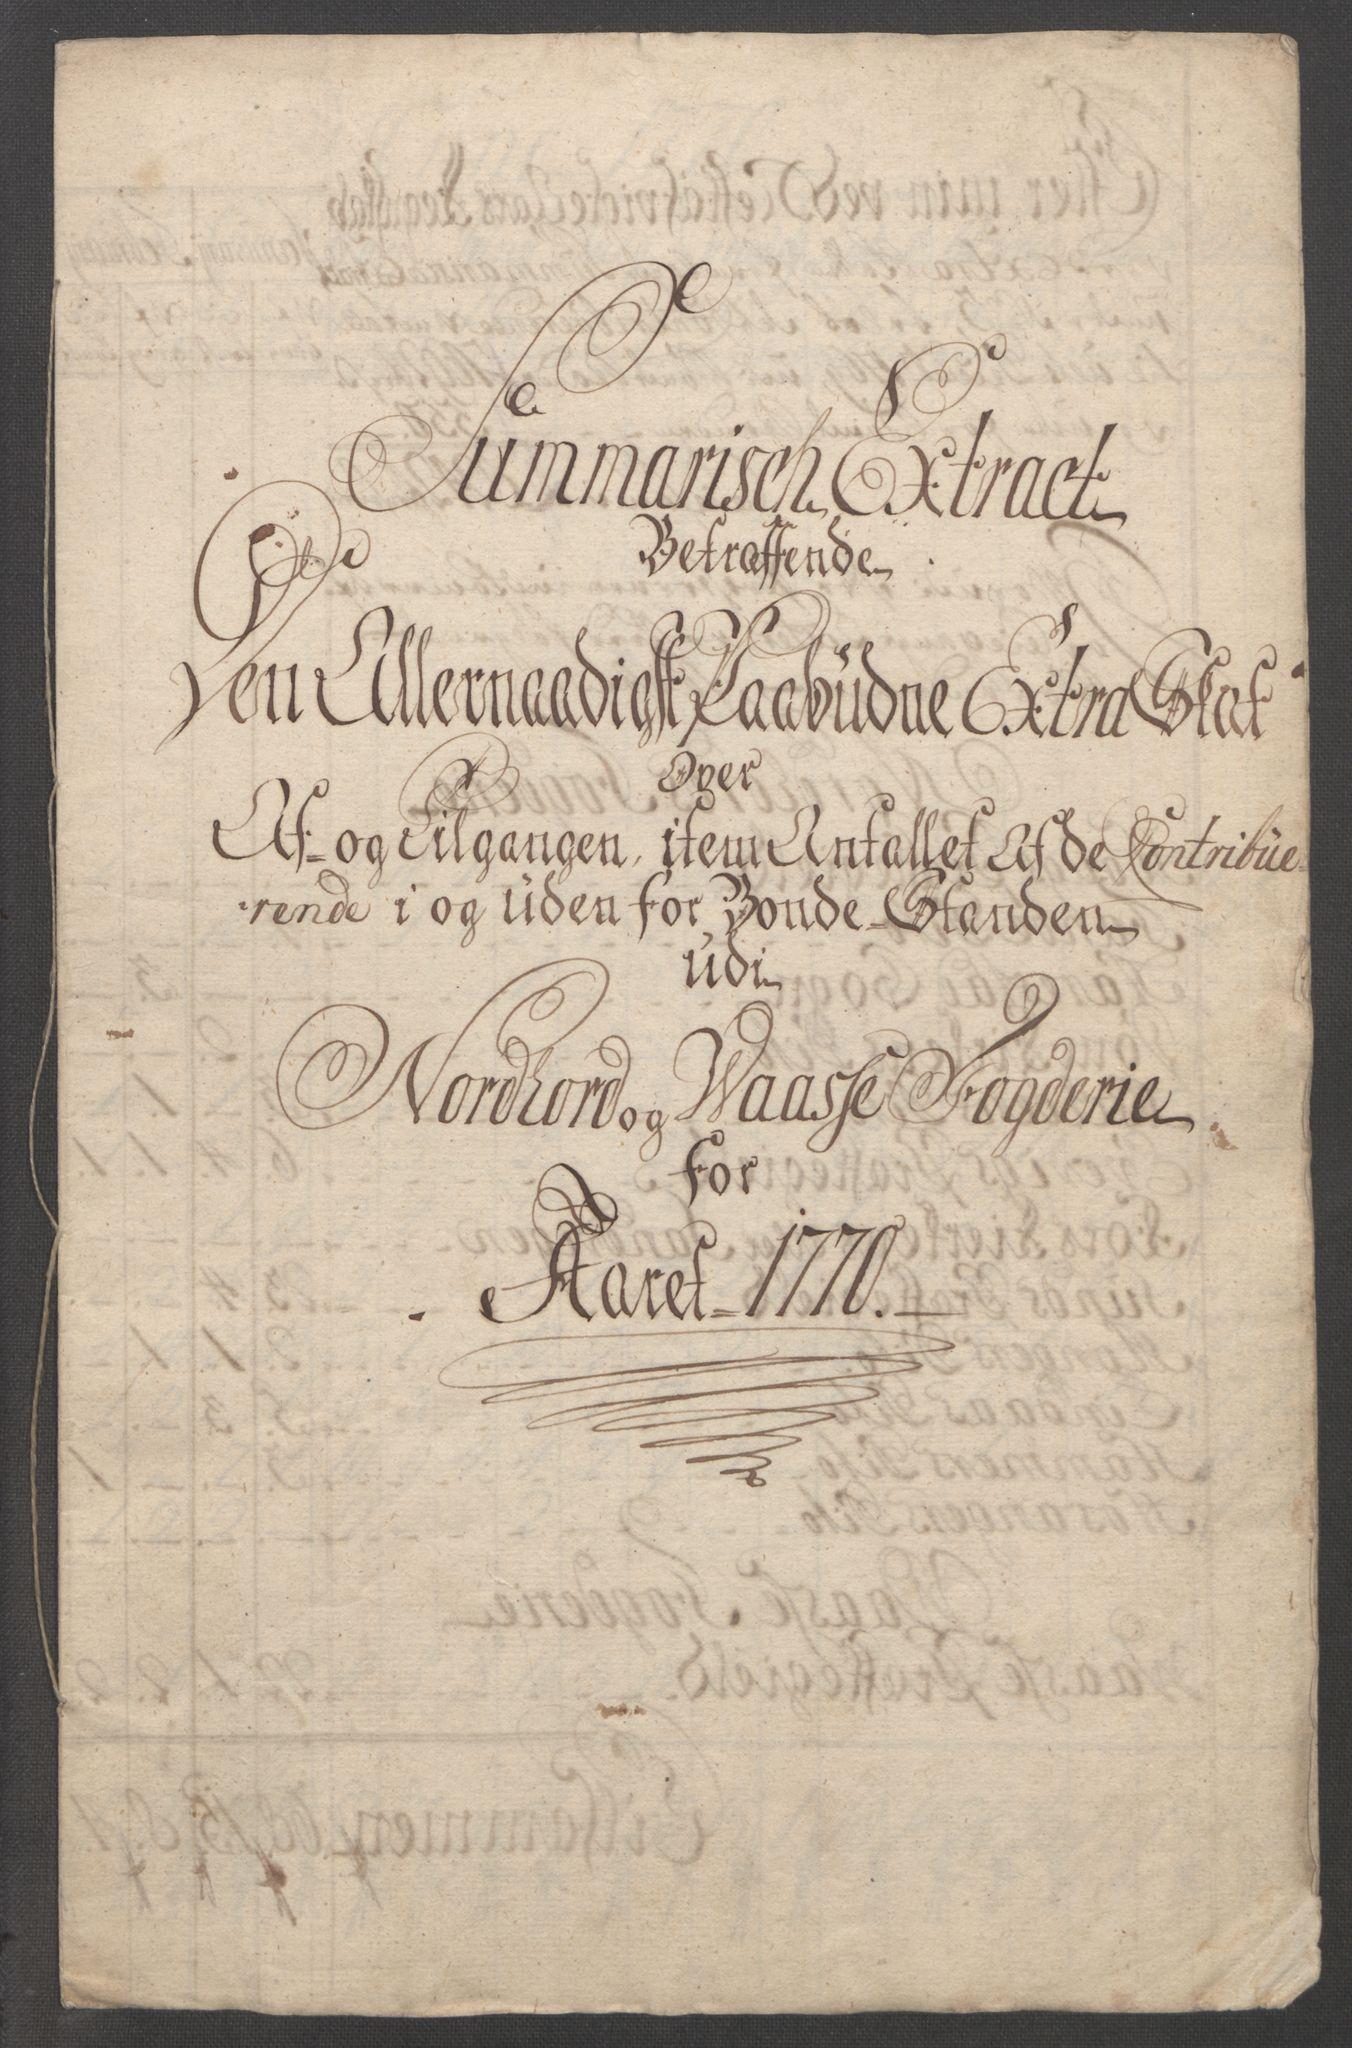 RA, Rentekammeret inntil 1814, Reviderte regnskaper, Fogderegnskap, R51/L3303: Ekstraskatten Nordhordland og Voss, 1762-1772, s. 394